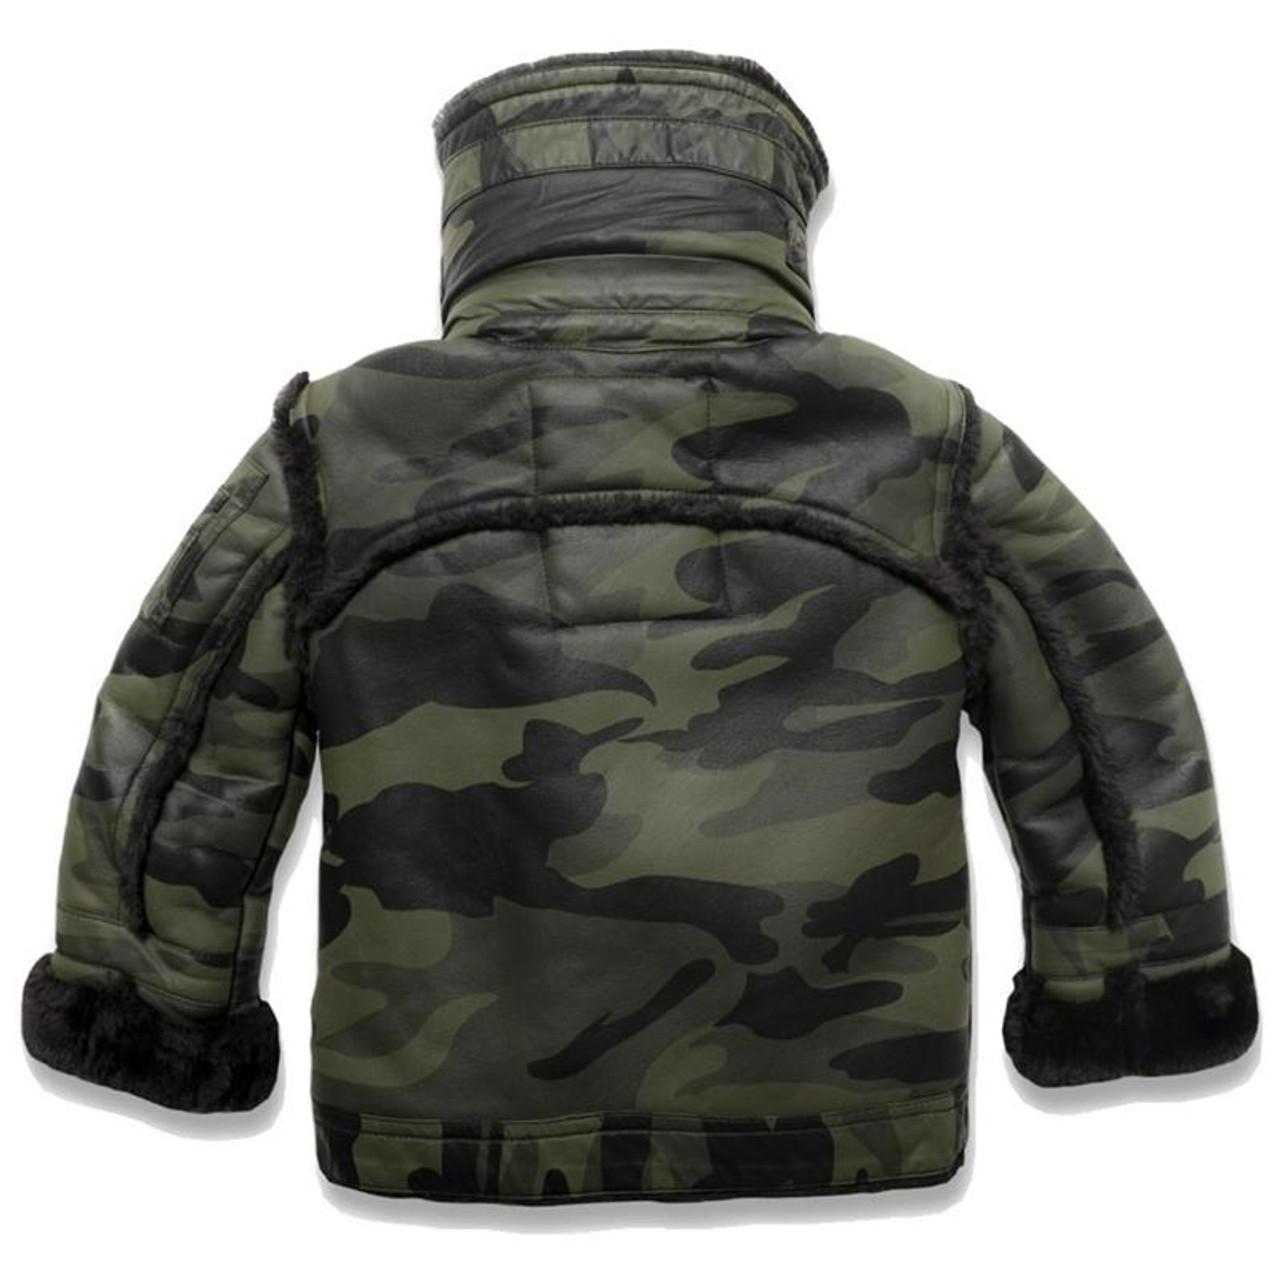 2cd3a434fec Jordan Craig Kids Camo Jacket